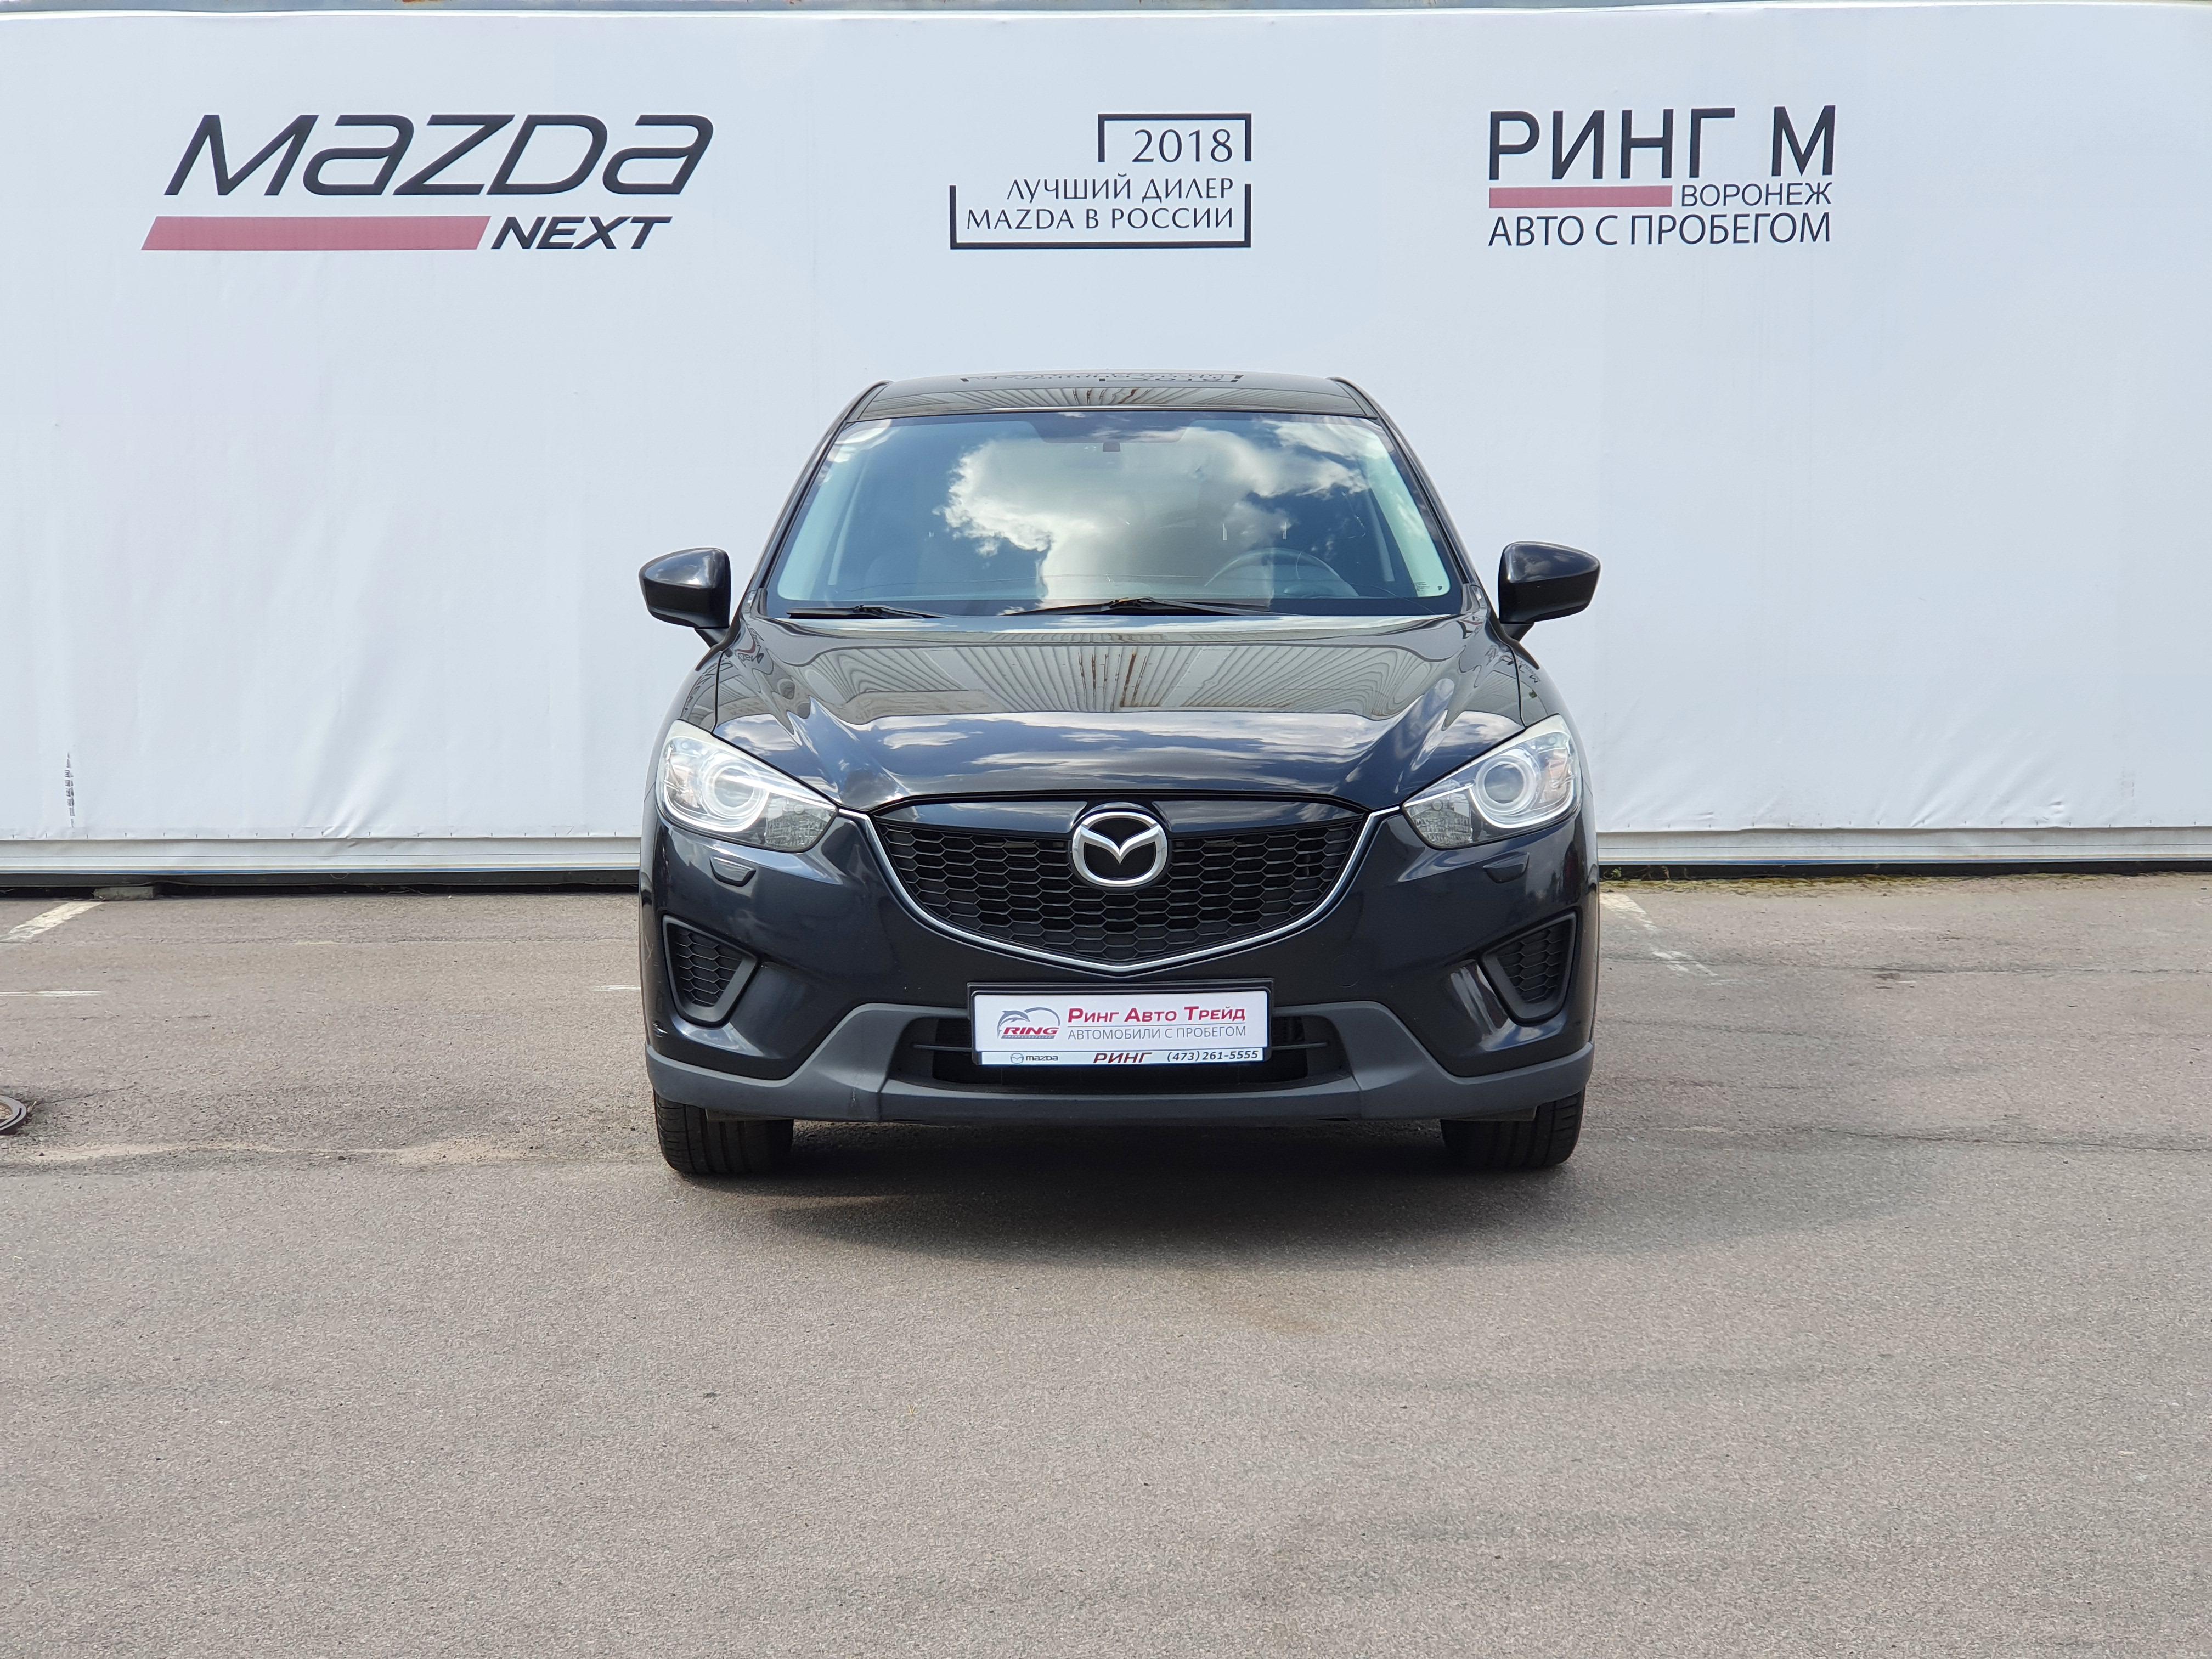 Mazda CX-5 Внедорожник (2013г.)